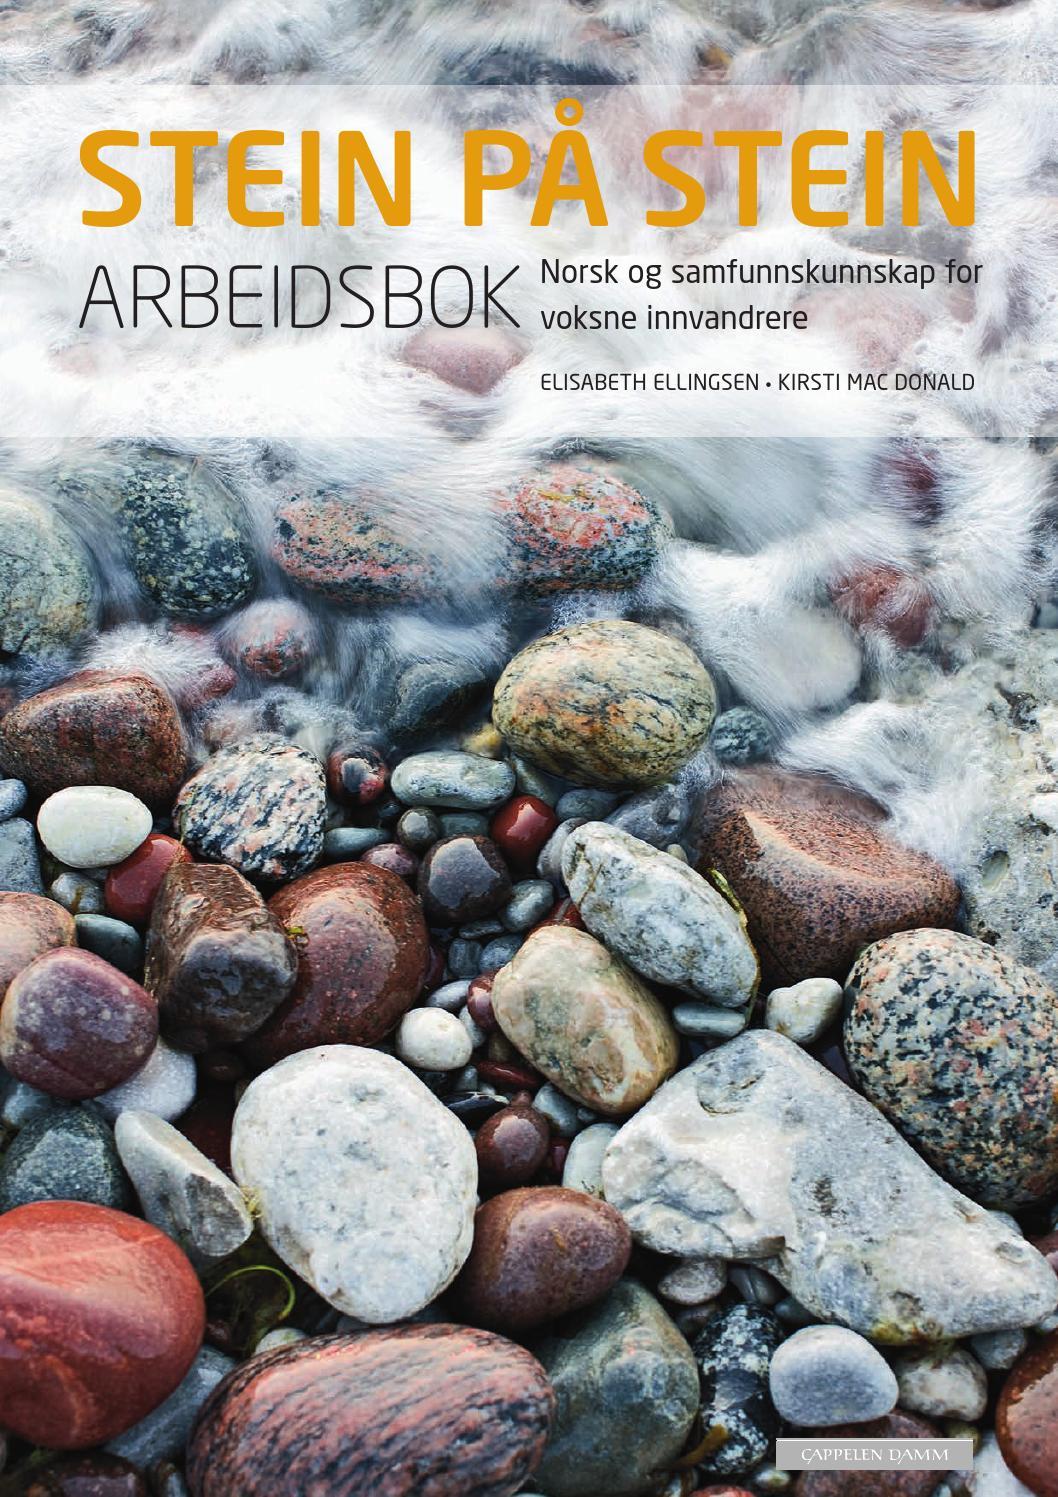 Stein på stein 2014 arbeidsbok pdf